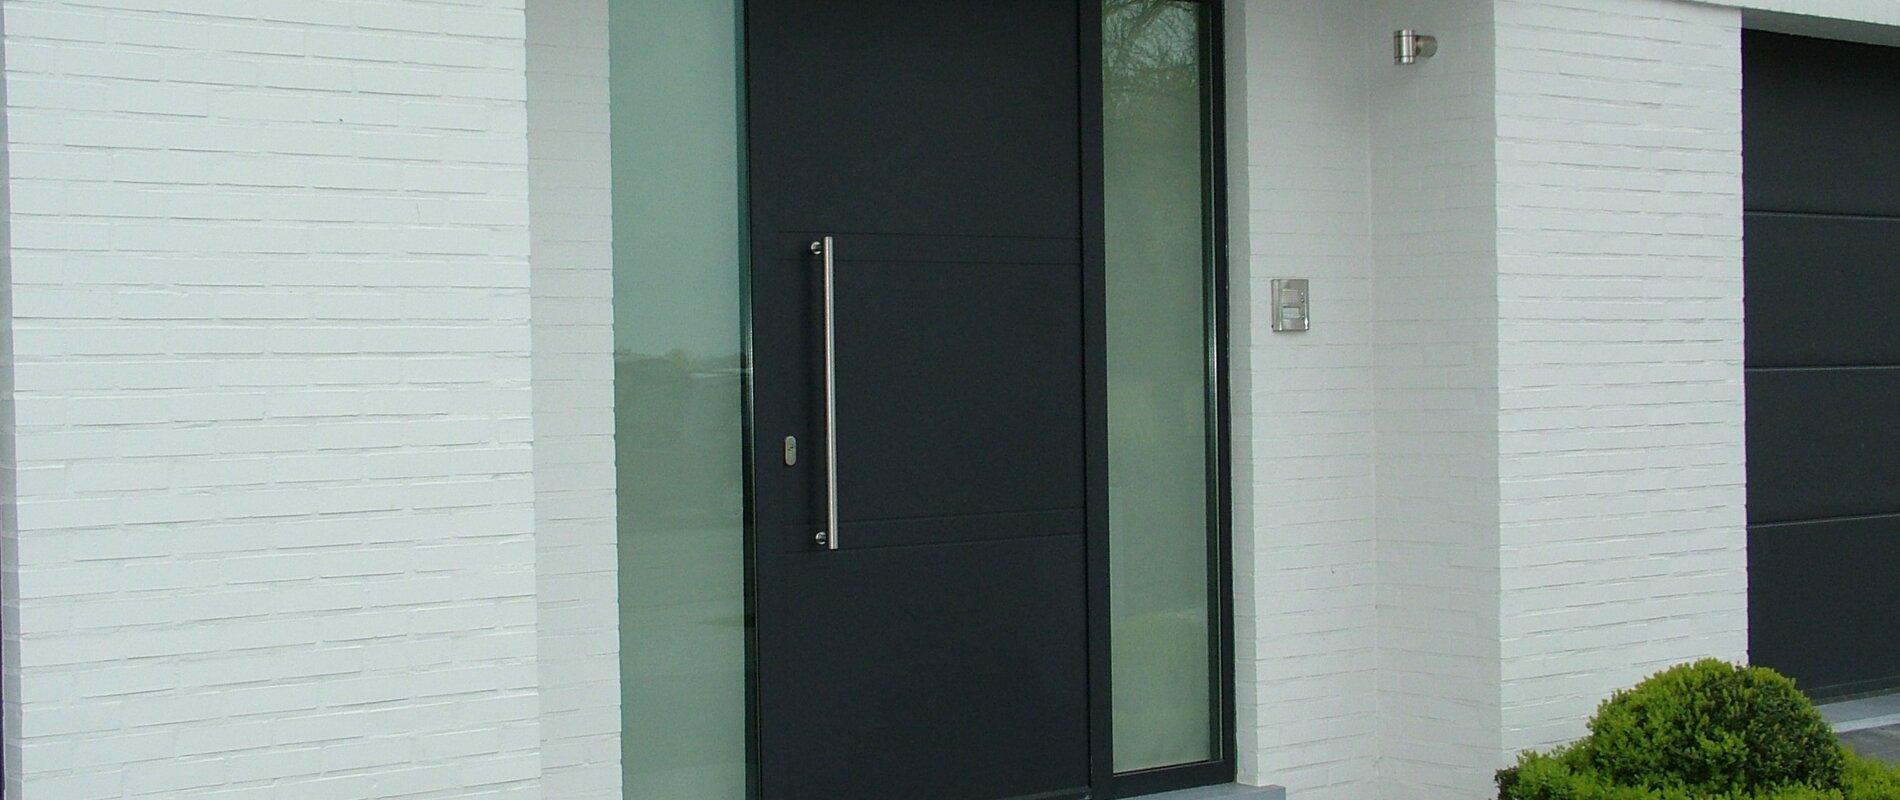 Une imposte de porte une touche de lumi re pour votre entr e belisol - Imposte pour porte d entree ...